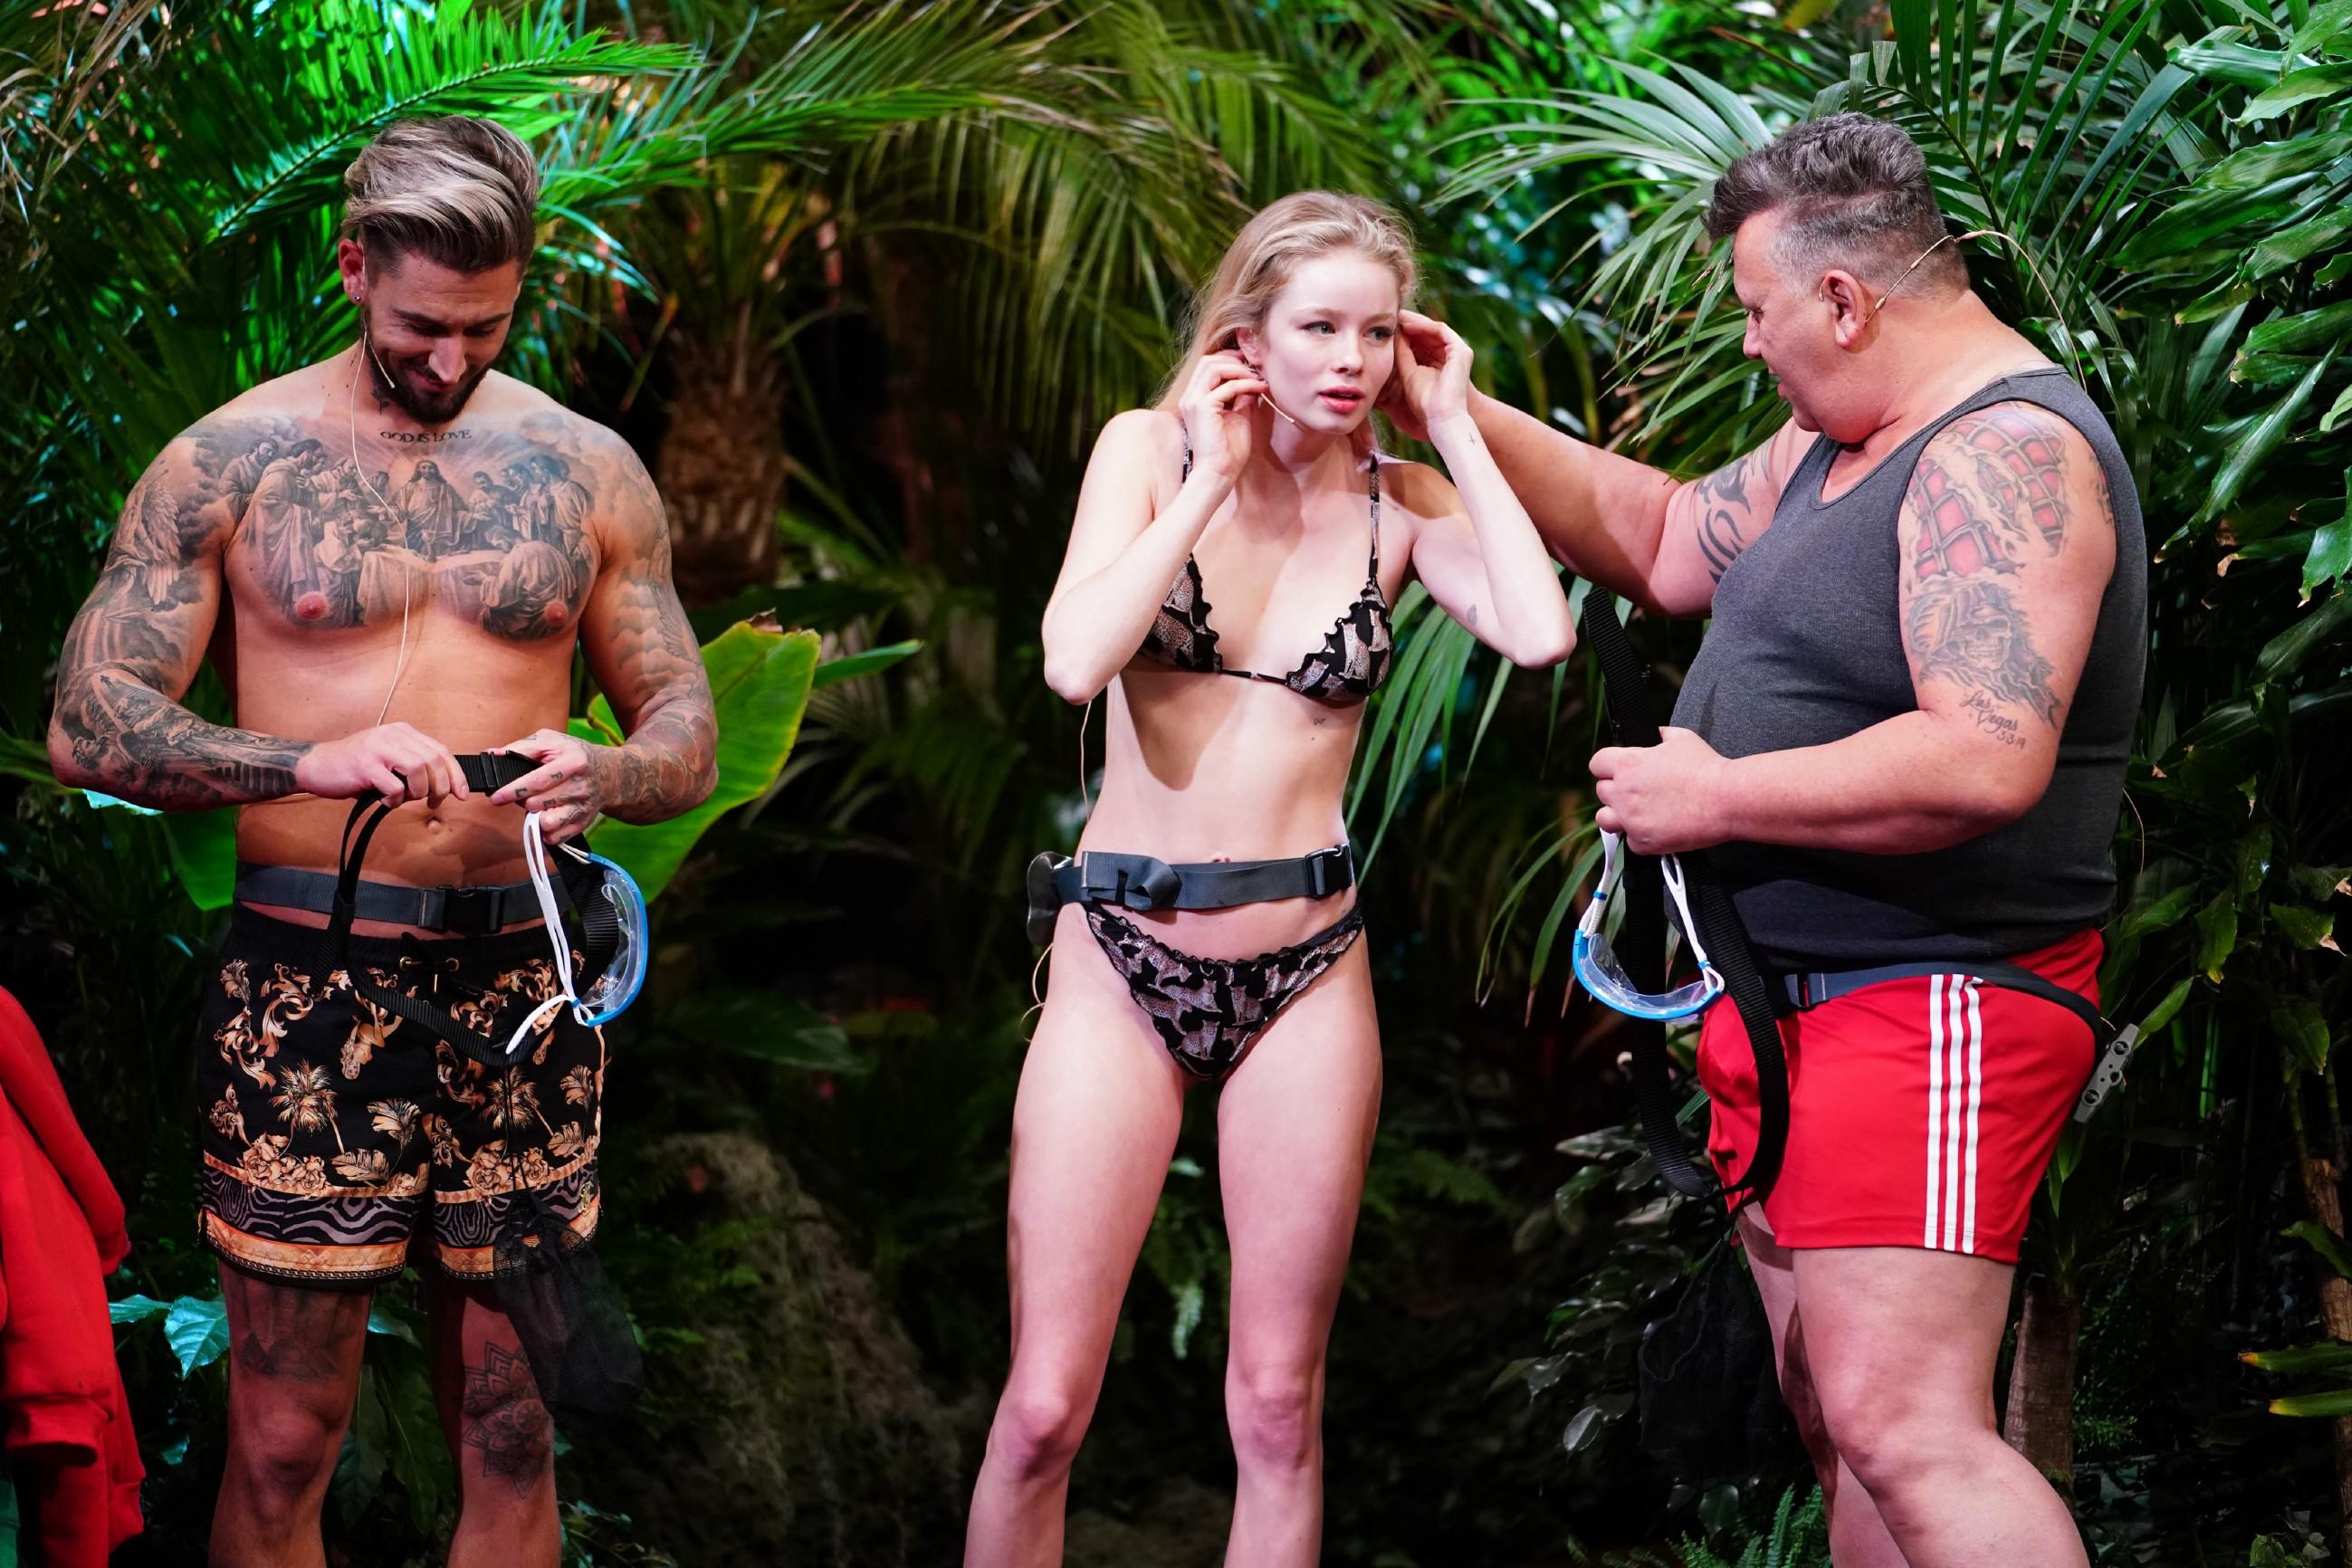 Dschungelcamp 2021: Zoe schreit vor Angst bei erster Dschungelprüfung